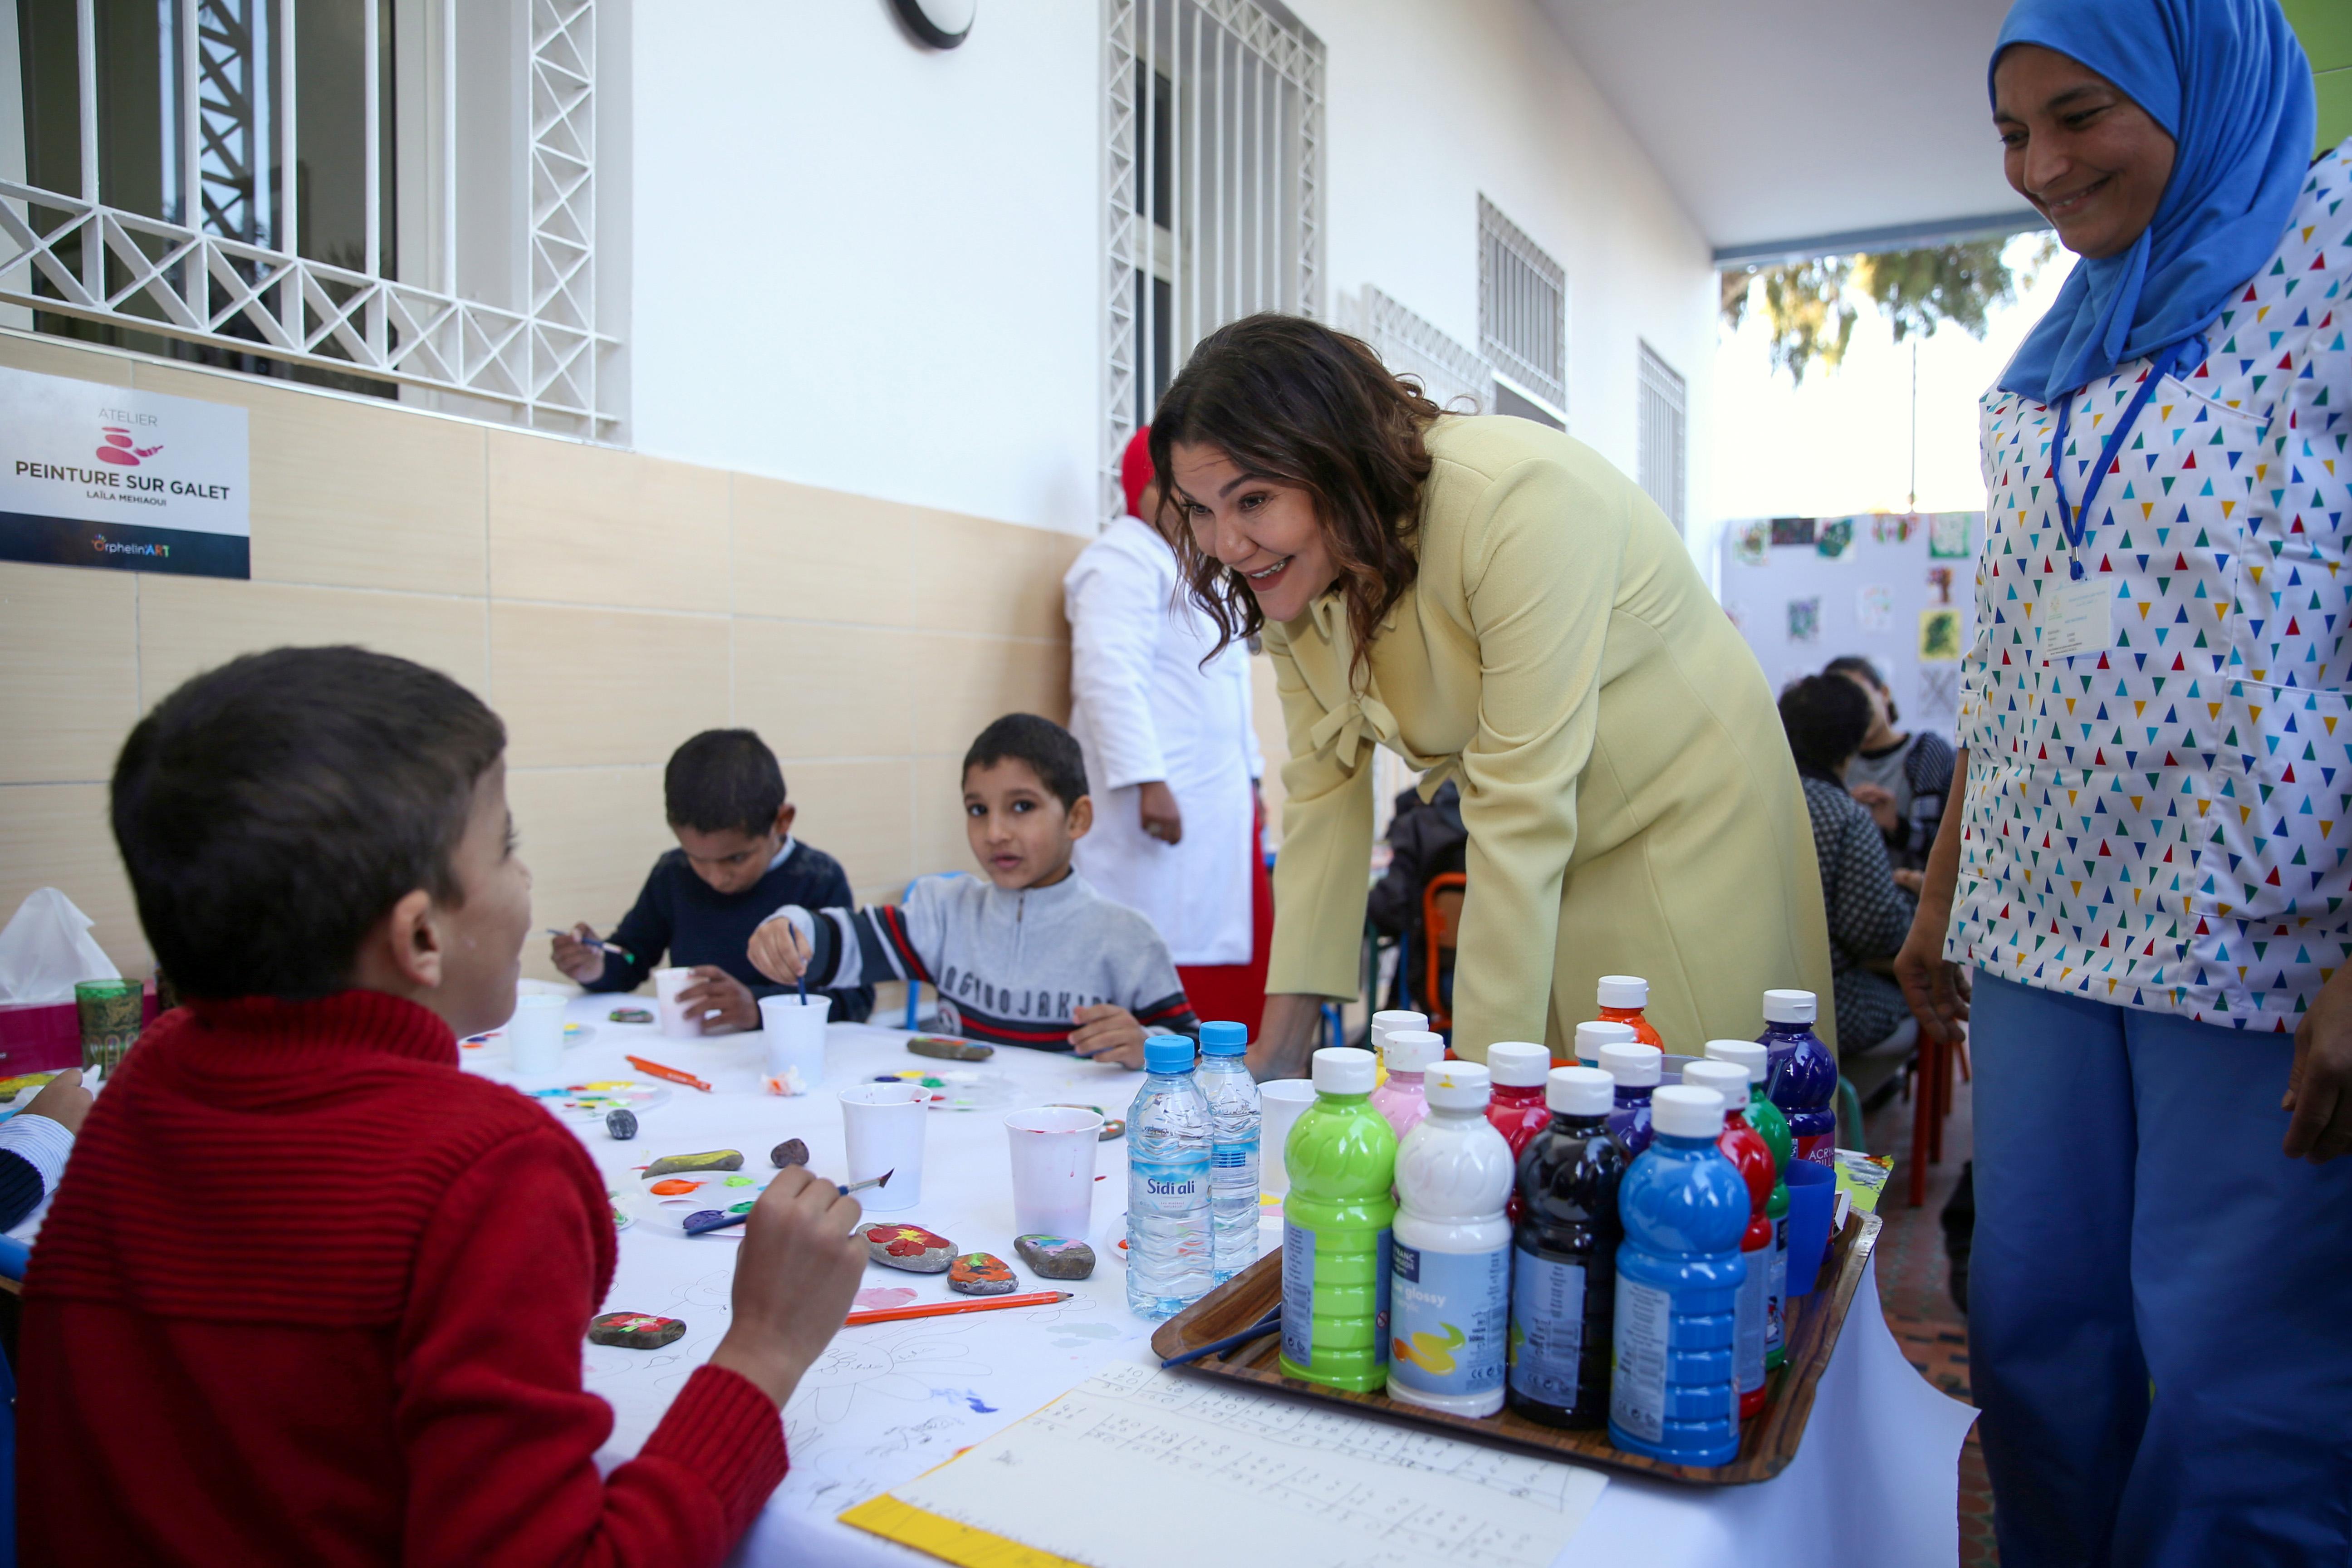 S.A.R la Princesse Lalla Hasnaa préside  la cérémonie organisée à l'occasion du  30ème anniversaire de l'Association Al-Ihssane